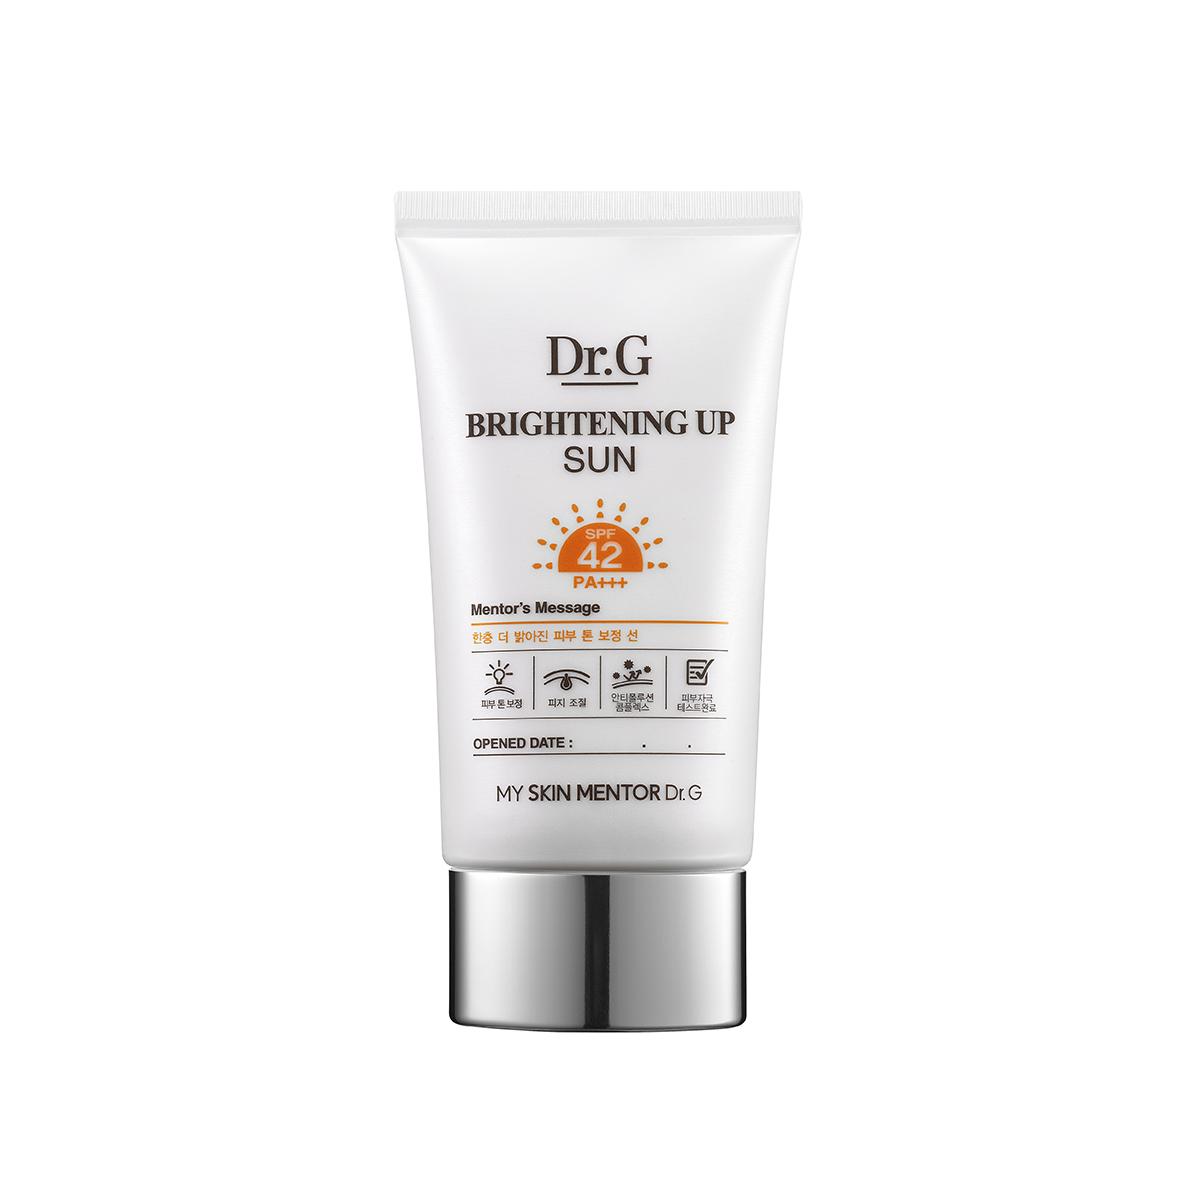 Dr. G Крем солнцезащитный для яркости кожи SPF42PA+++ Sun, 50 млDG134557Солнцезащитный крем обладает успокаивающими, укрепляющими и регенерирующими свойствами. Защищает от солнца, глубоко увлажняет кожу, защищает от проявления пигментации и венушек. Гипоаллергенная формула протестирована на чувствительной коже под дерматологическим контролем. Солнцезащитный крем не оставляет белесого тона кожи.